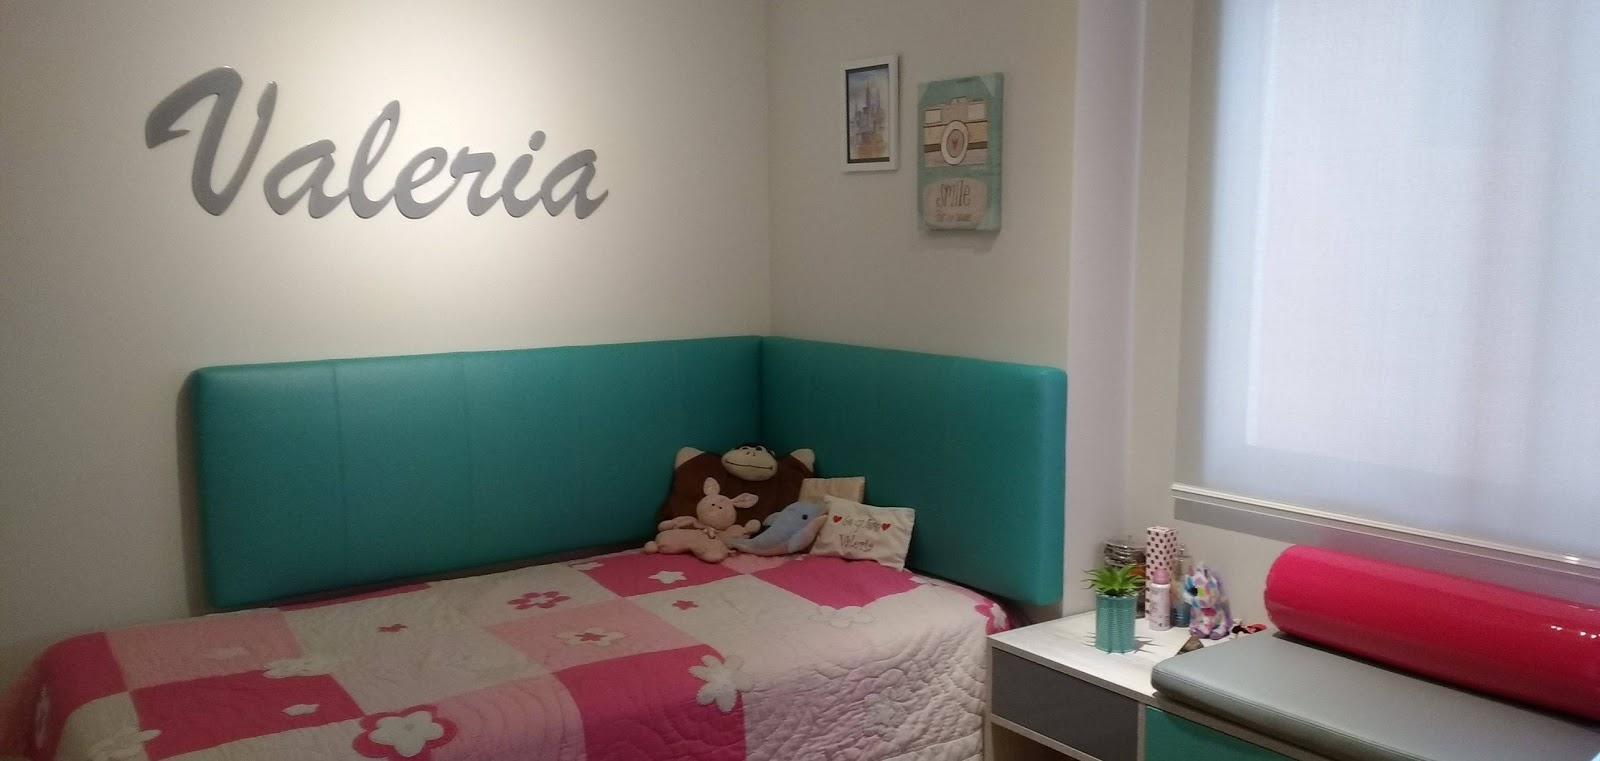 Decoraci N De Dormitorio Espacio Peque O Decoraci N Y Fotos ~ Decorar Dormitorio Matrimonio Pequeño